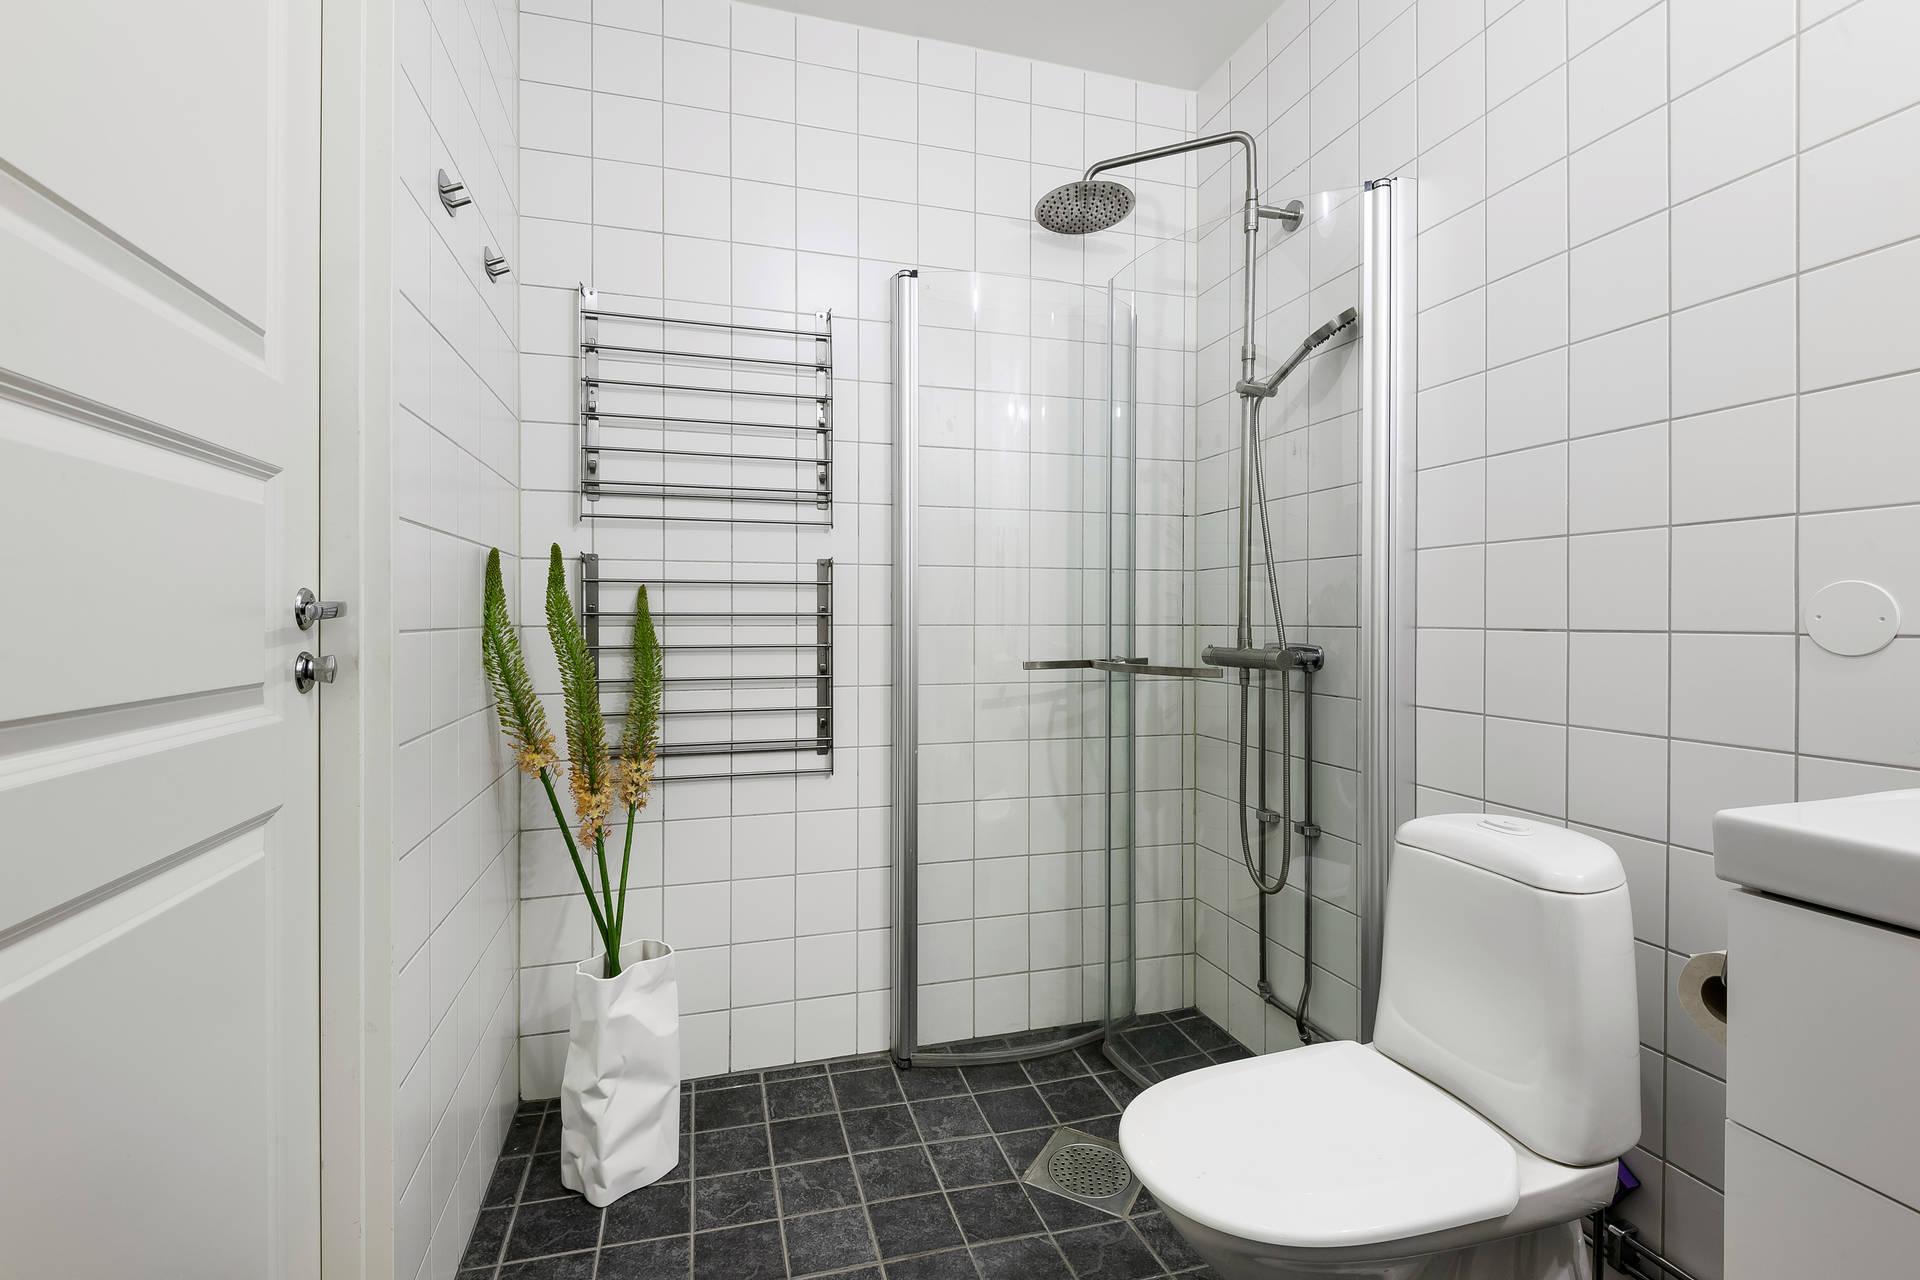 санузел душ белая плитка полотенцесушитель